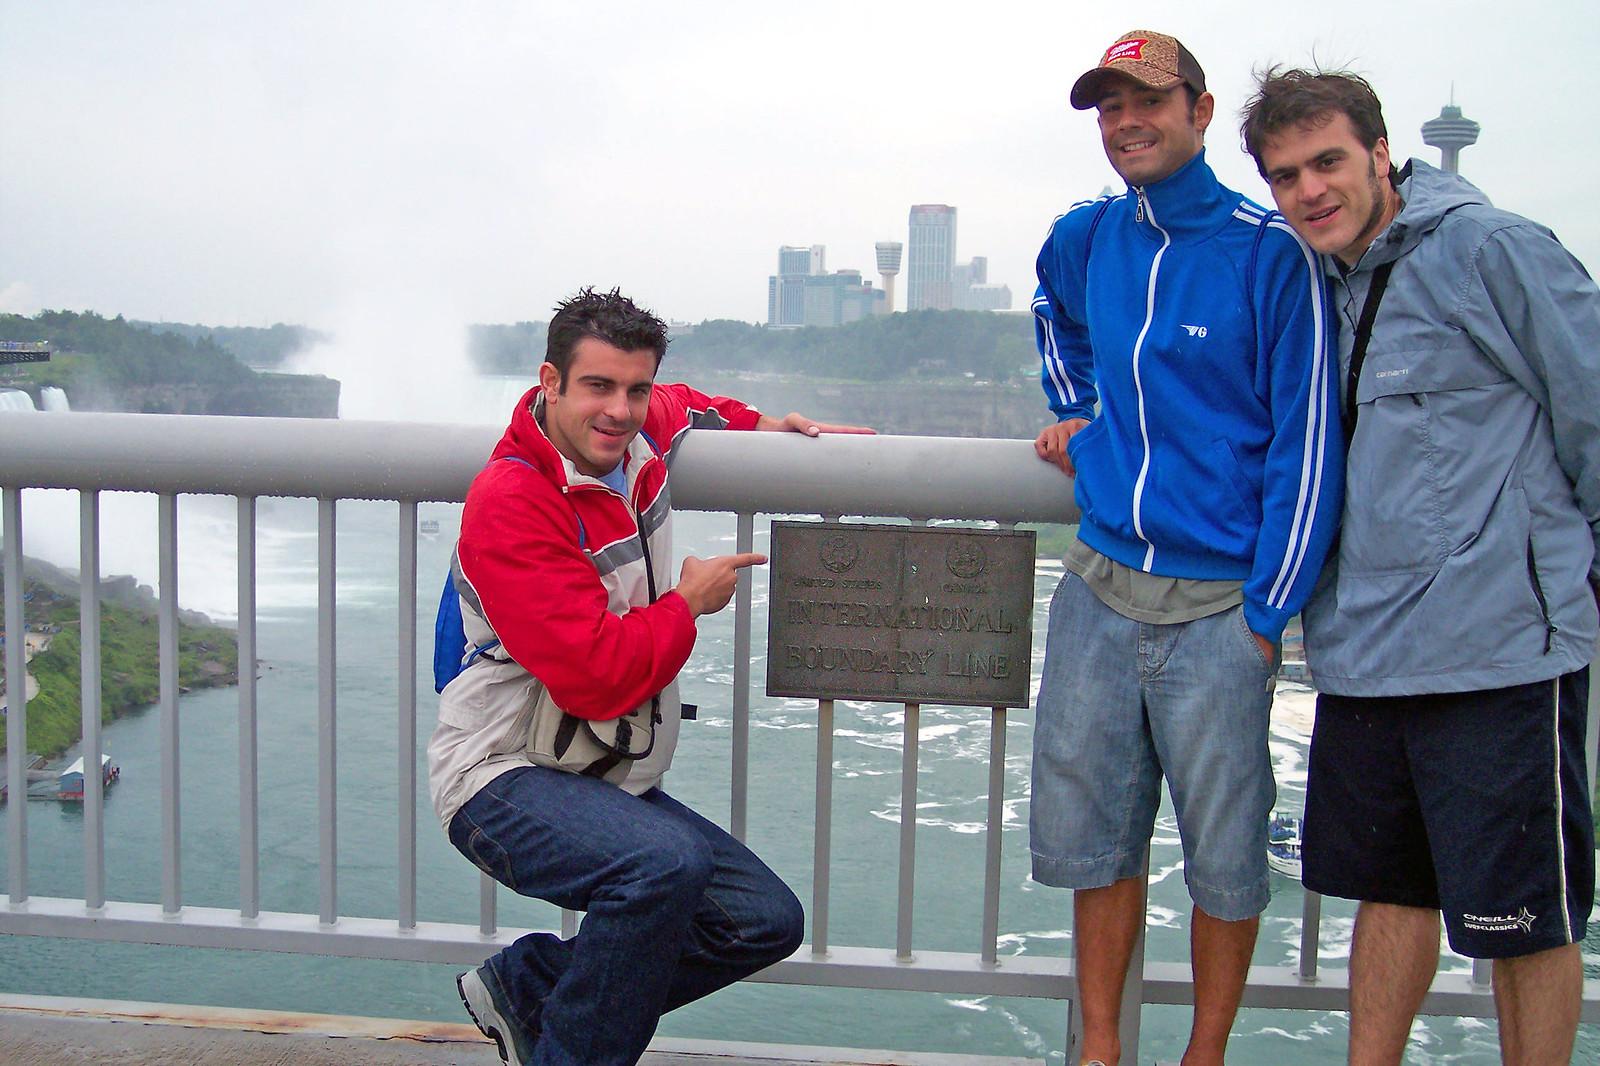 Toronto en un día - Canadá - eTa - Visado - Thewotme toronto en un día - 50060903498 a883dc5c60 h - Toronto en un día